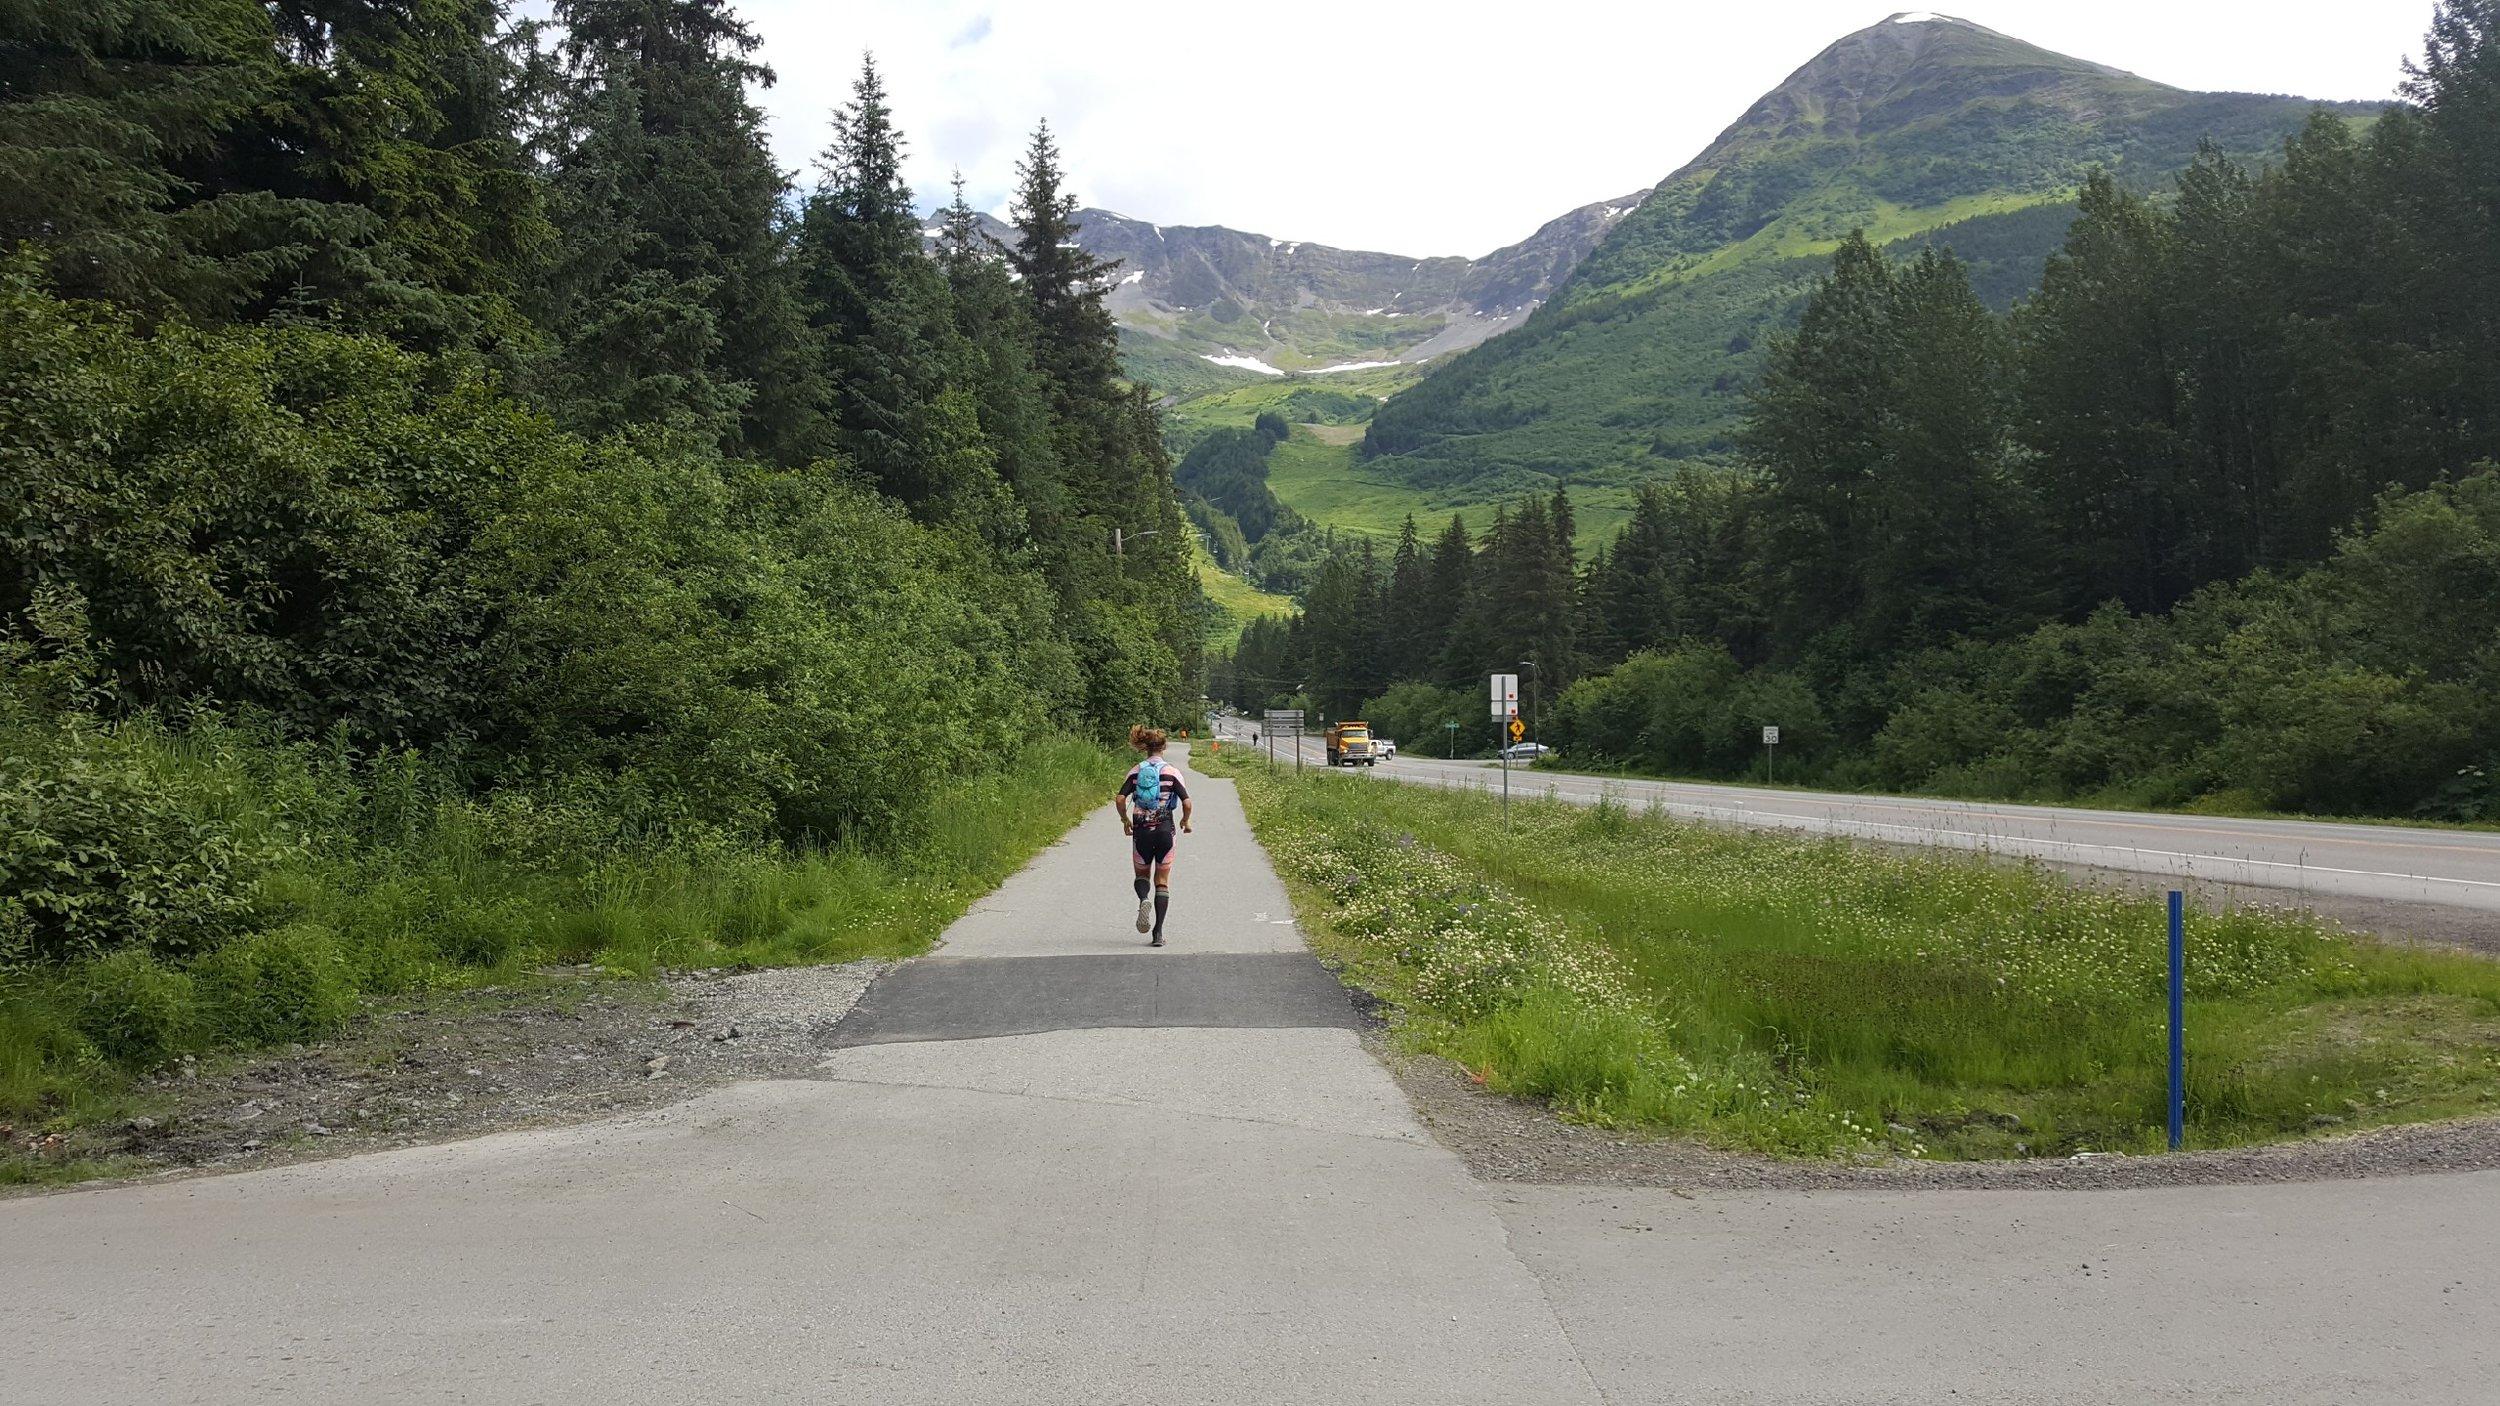 Finally feeling decent on my way toward the mountain. Photo courtesy of Mary Knott.